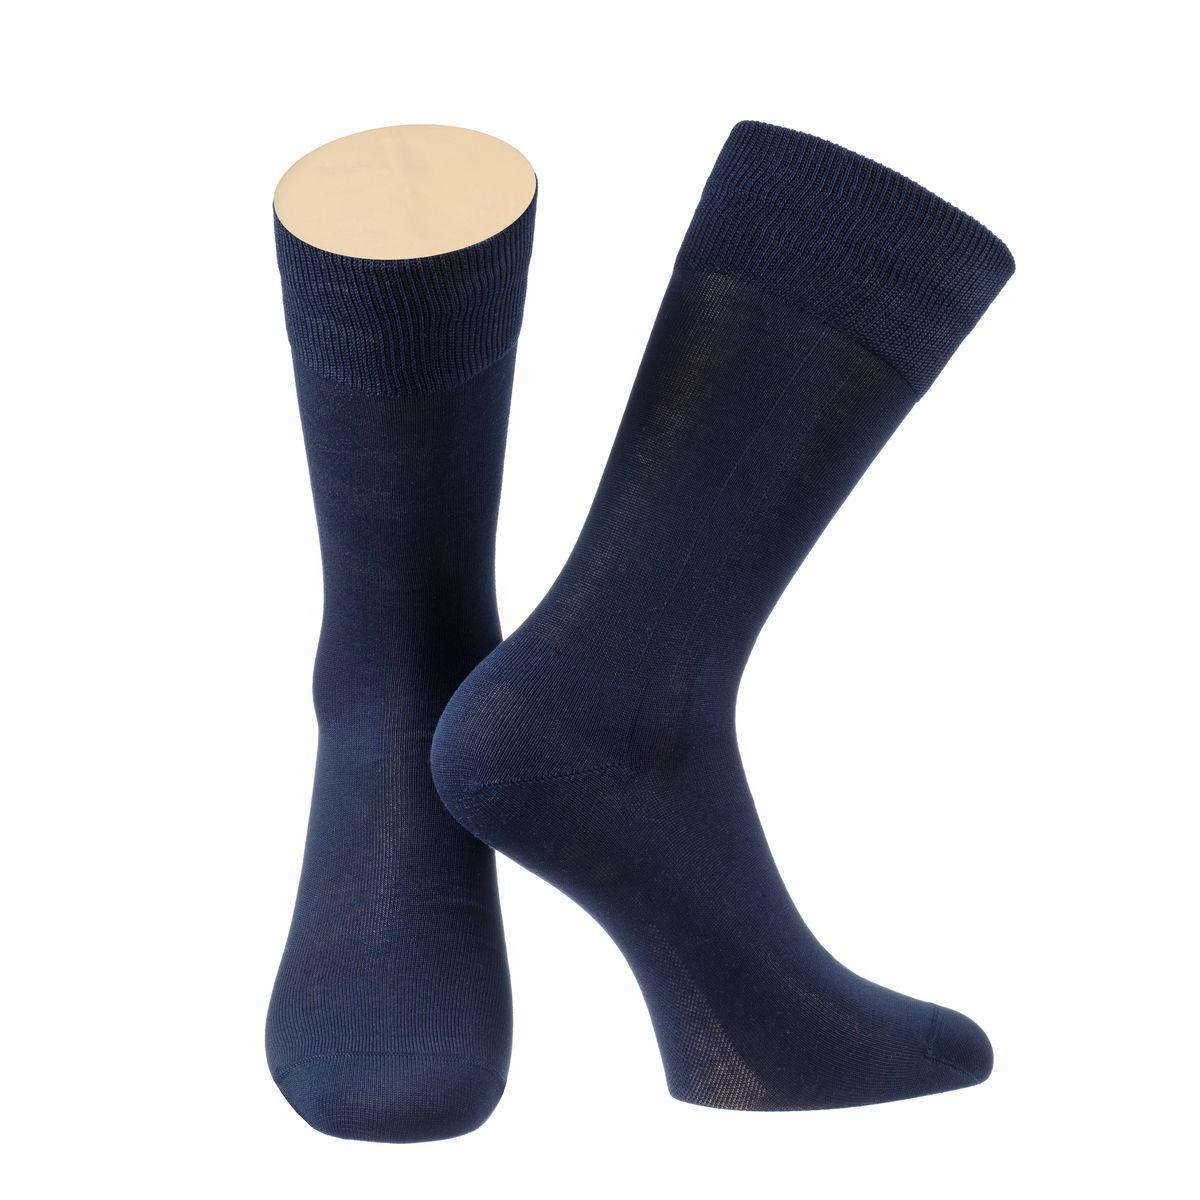 2-14/01Мужские носки Collonil изготовлены из мерсеризованного хлопка. Носки с удлиненным паголенком. Широкая резинка не сдавливает и комфортно облегает ногу.